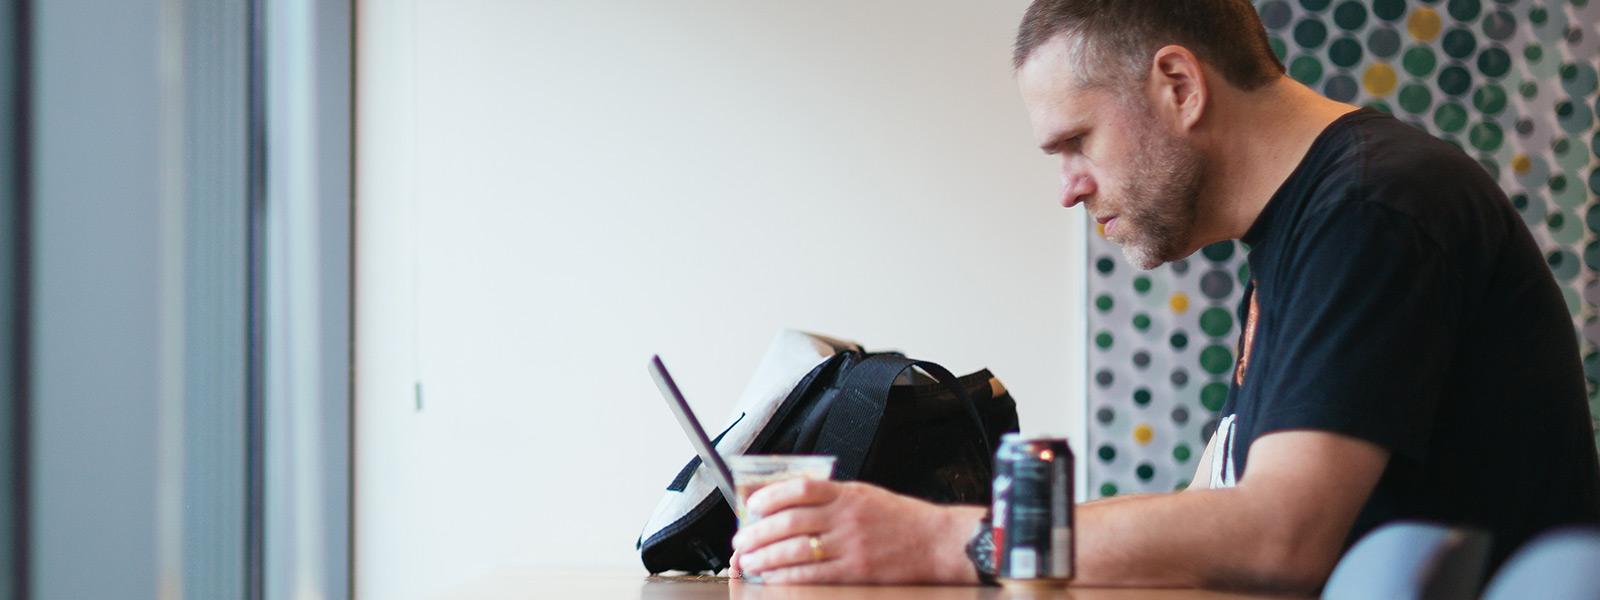 Asztalnál ülő férfi Windows 10-es számítógépével dolgozik